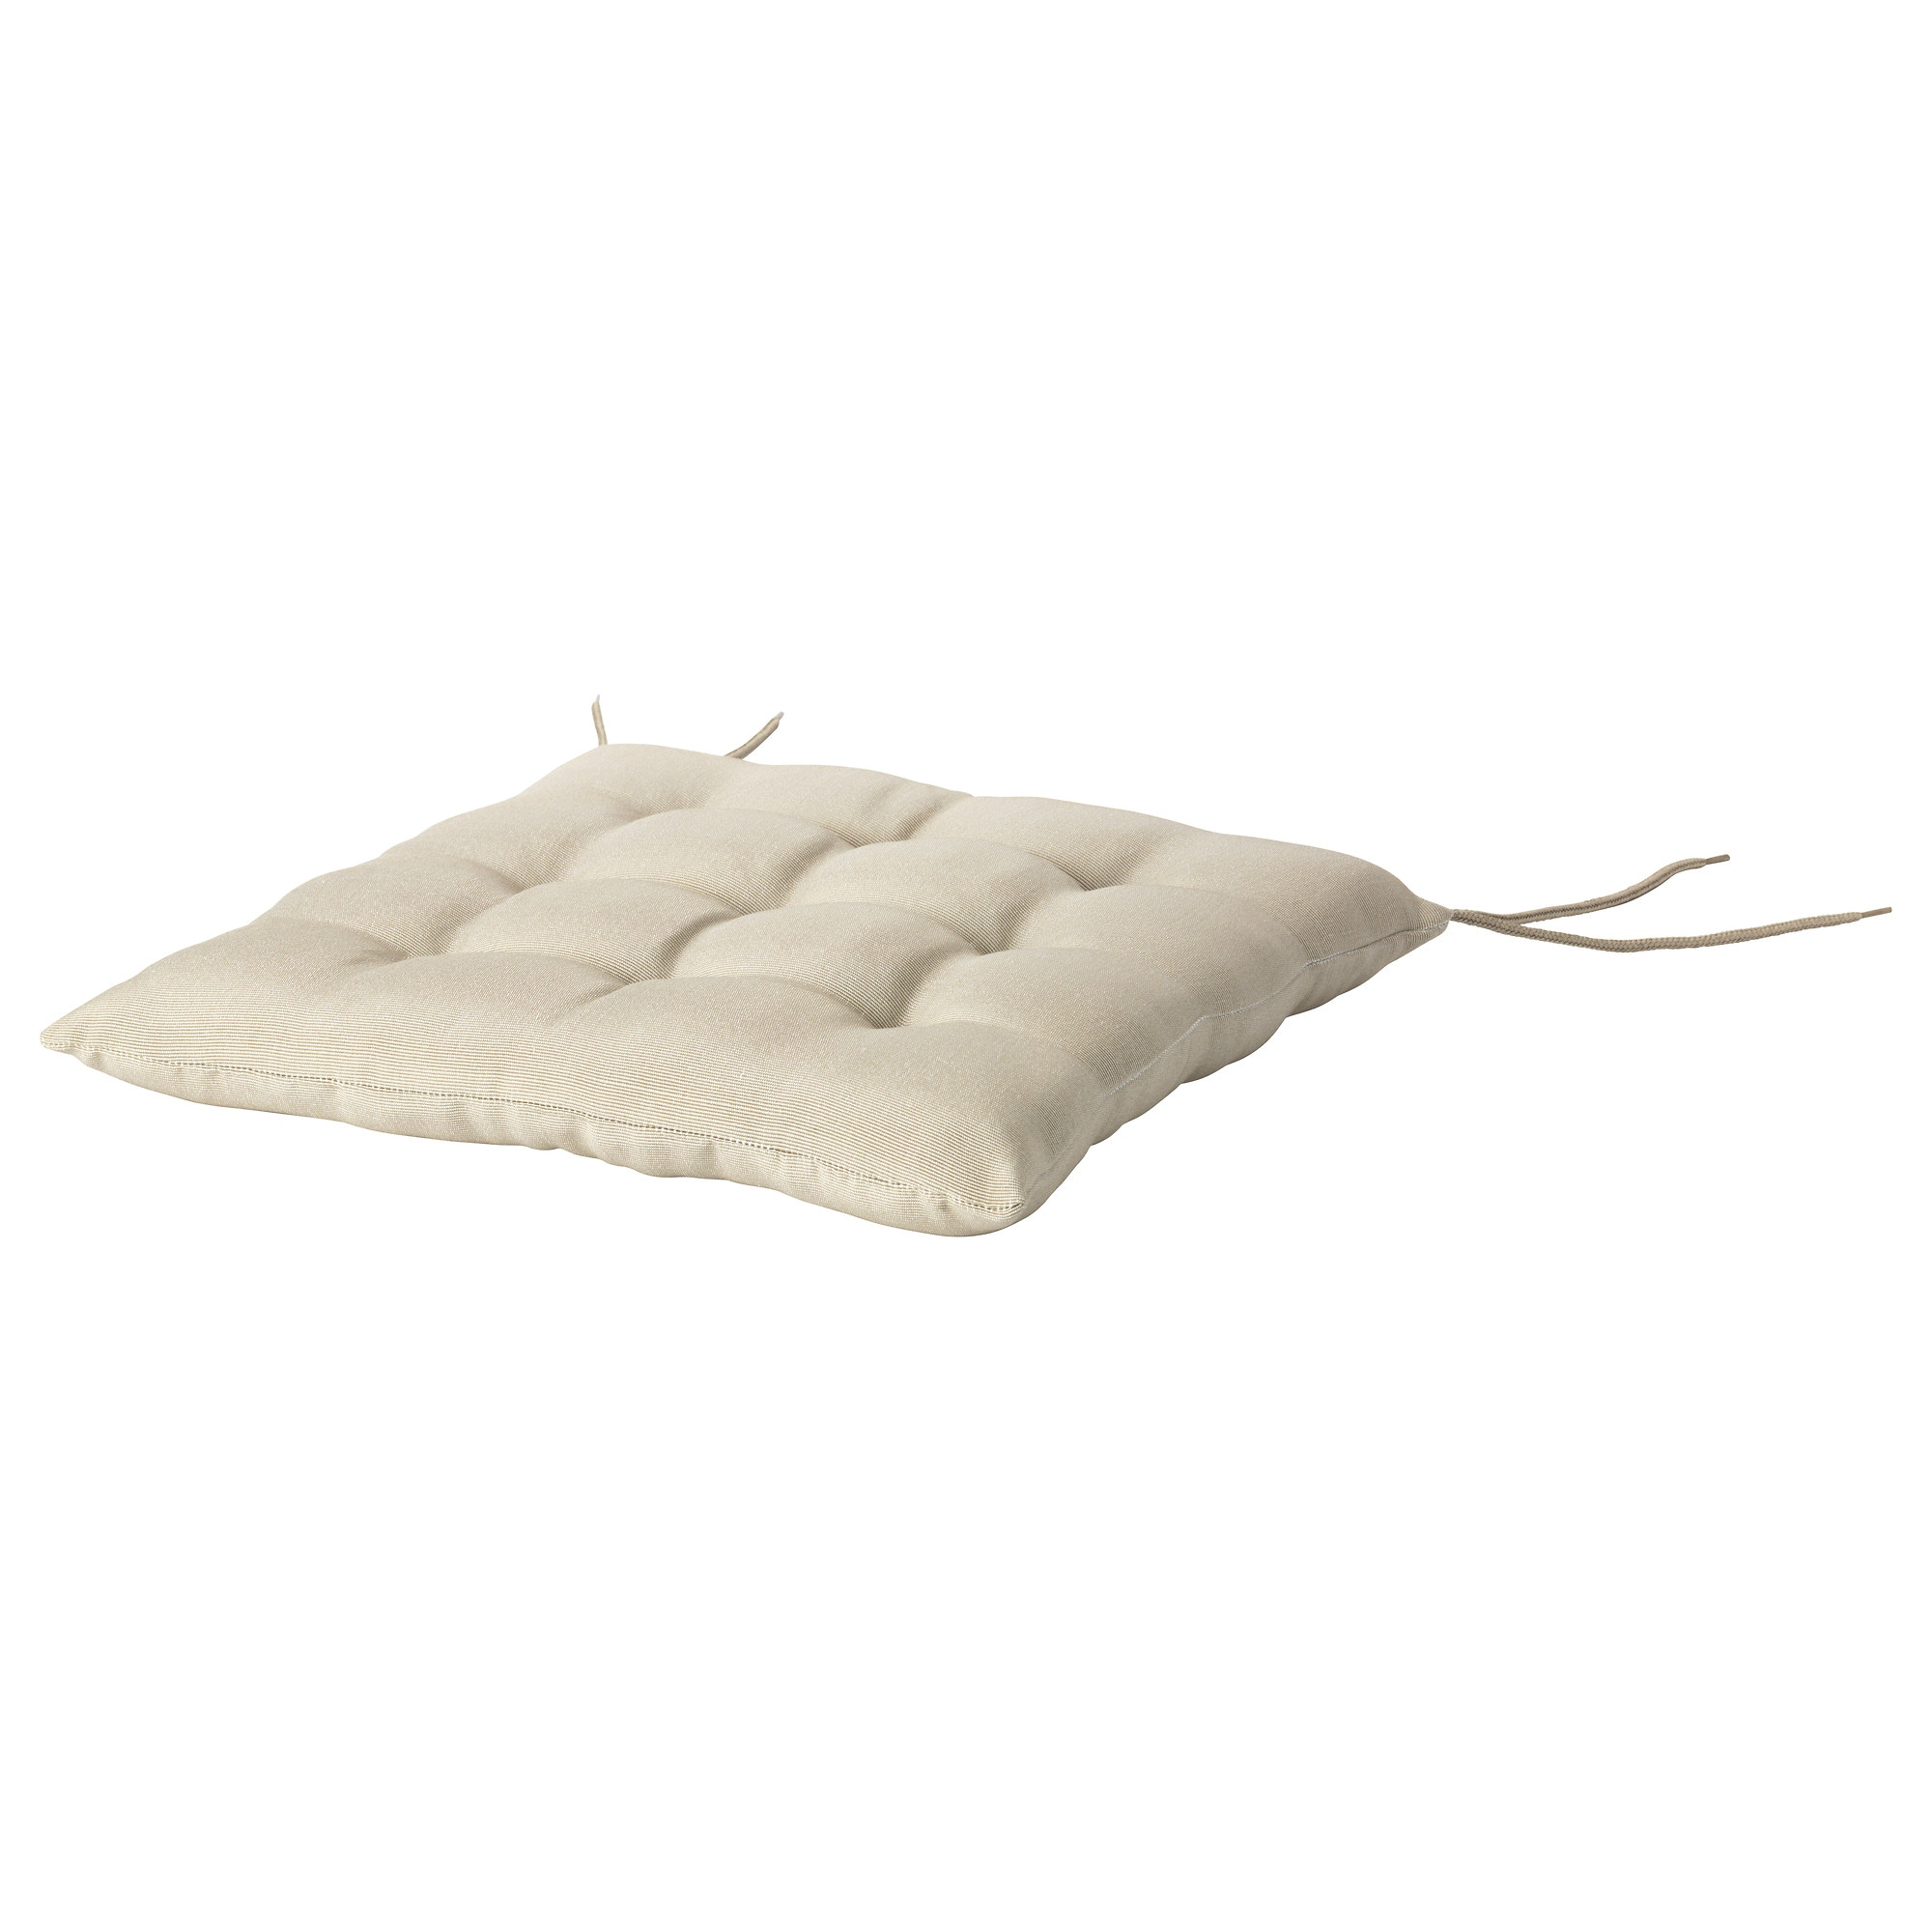 Подушка на садовый стул ХОЛЛО бежевый артикуль № 103.757.72 в наличии. Онлайн каталог ИКЕА Беларусь. Быстрая доставка и установка.